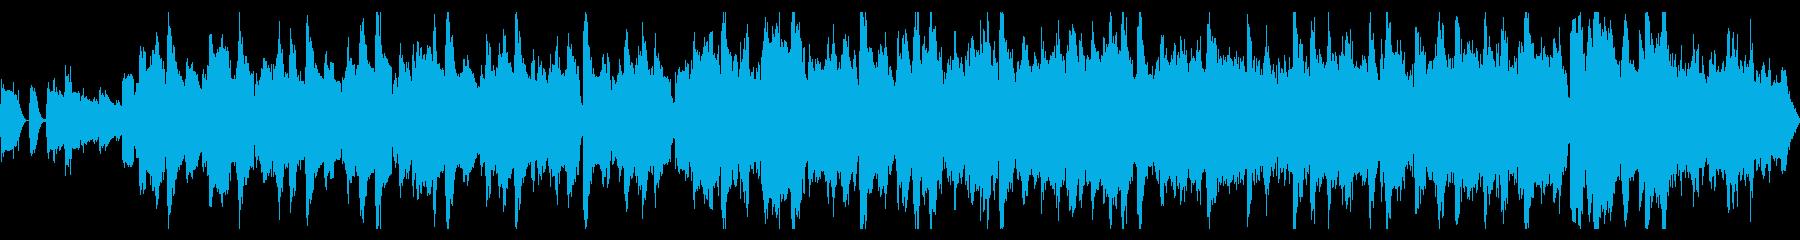 ベースなし・ループの再生済みの波形